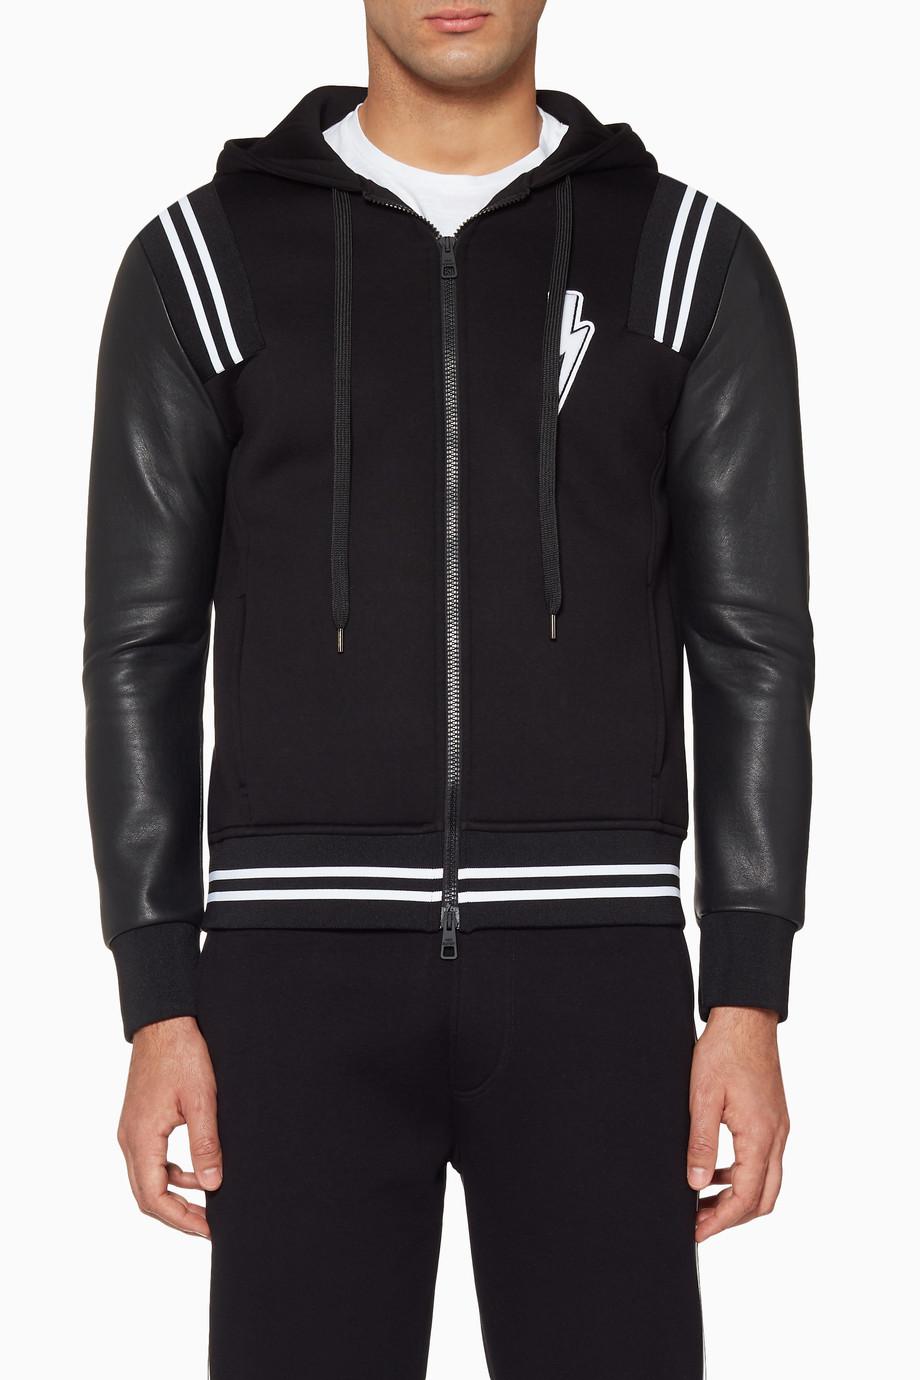 Shop Neil Barett Black Black Thunderbolt Varsity Hooded